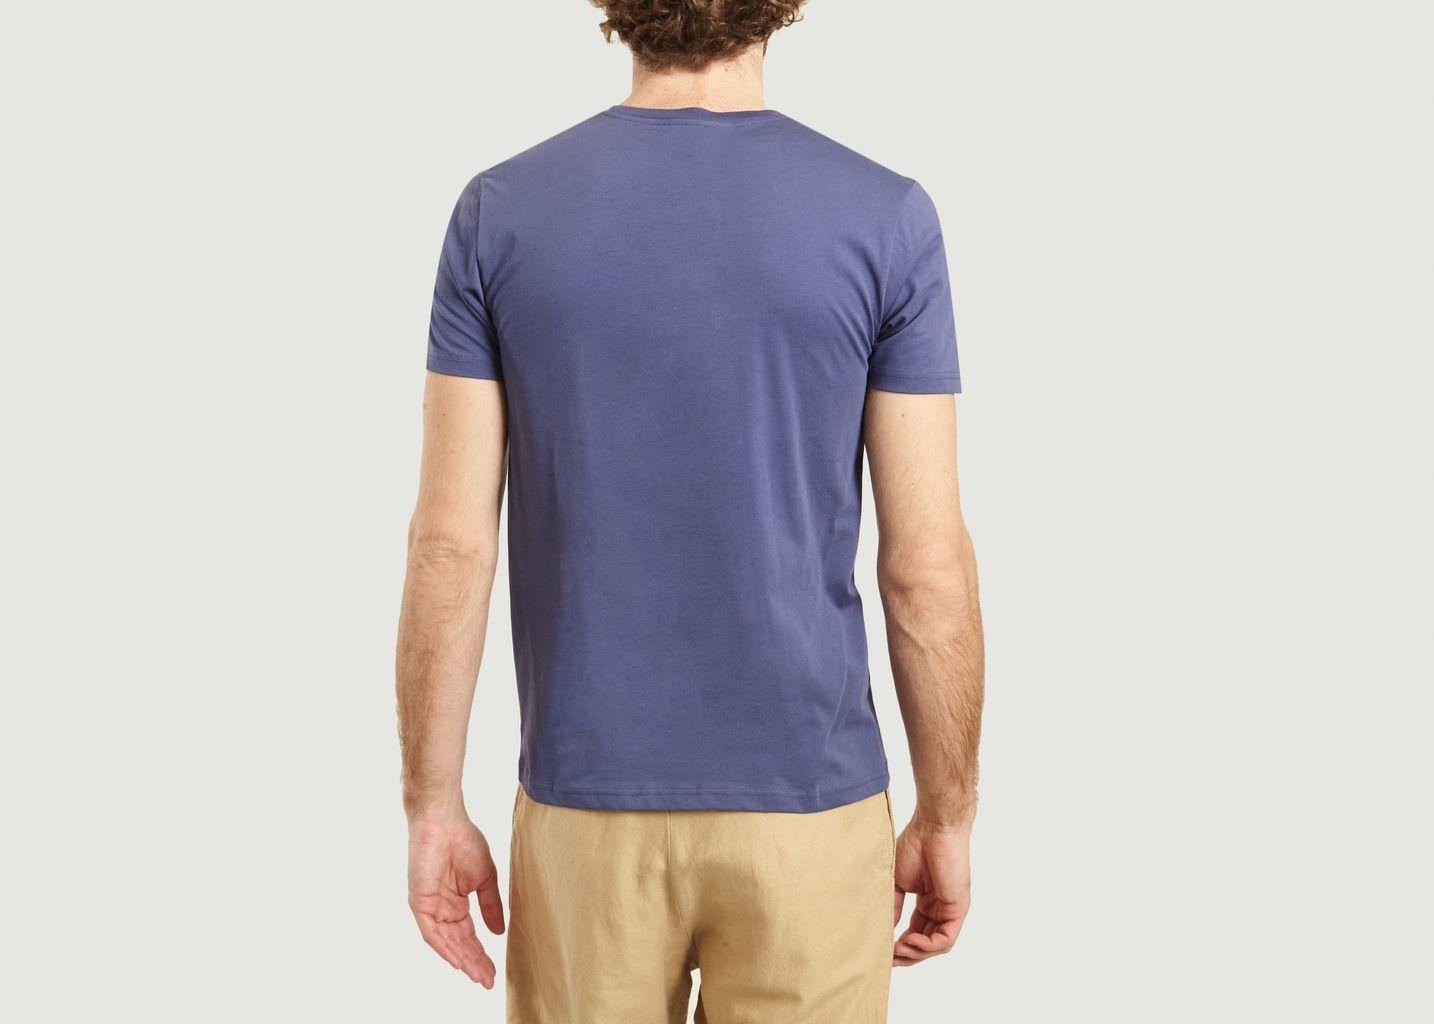 T-Shirt Spritz en Coton Bio - Olow